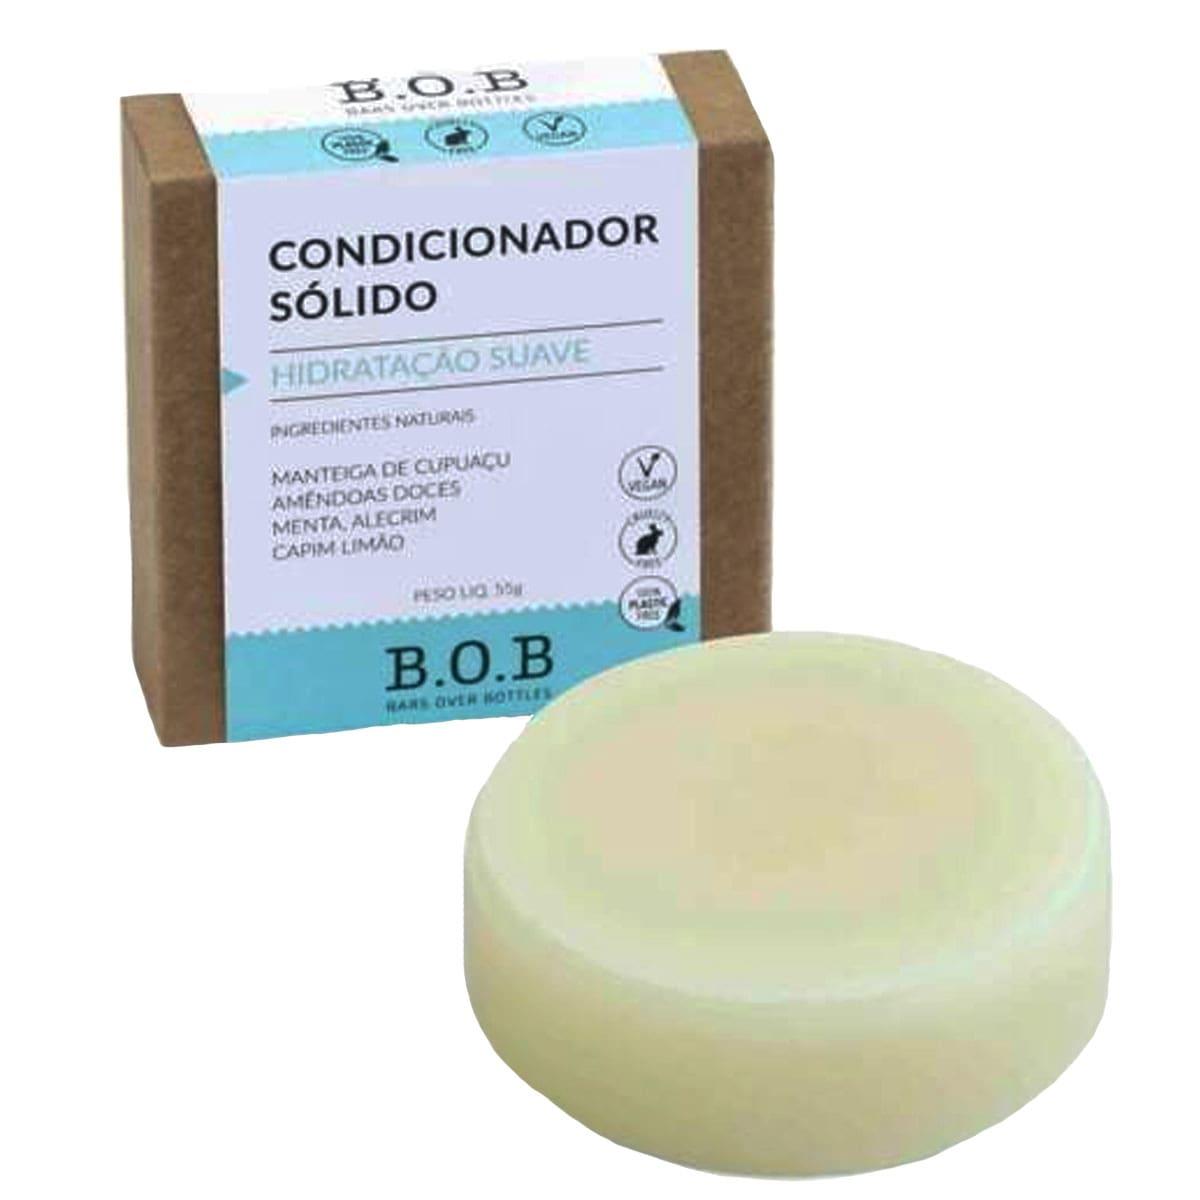 Condicionador sólido hidratação suave 55g - B.O.B